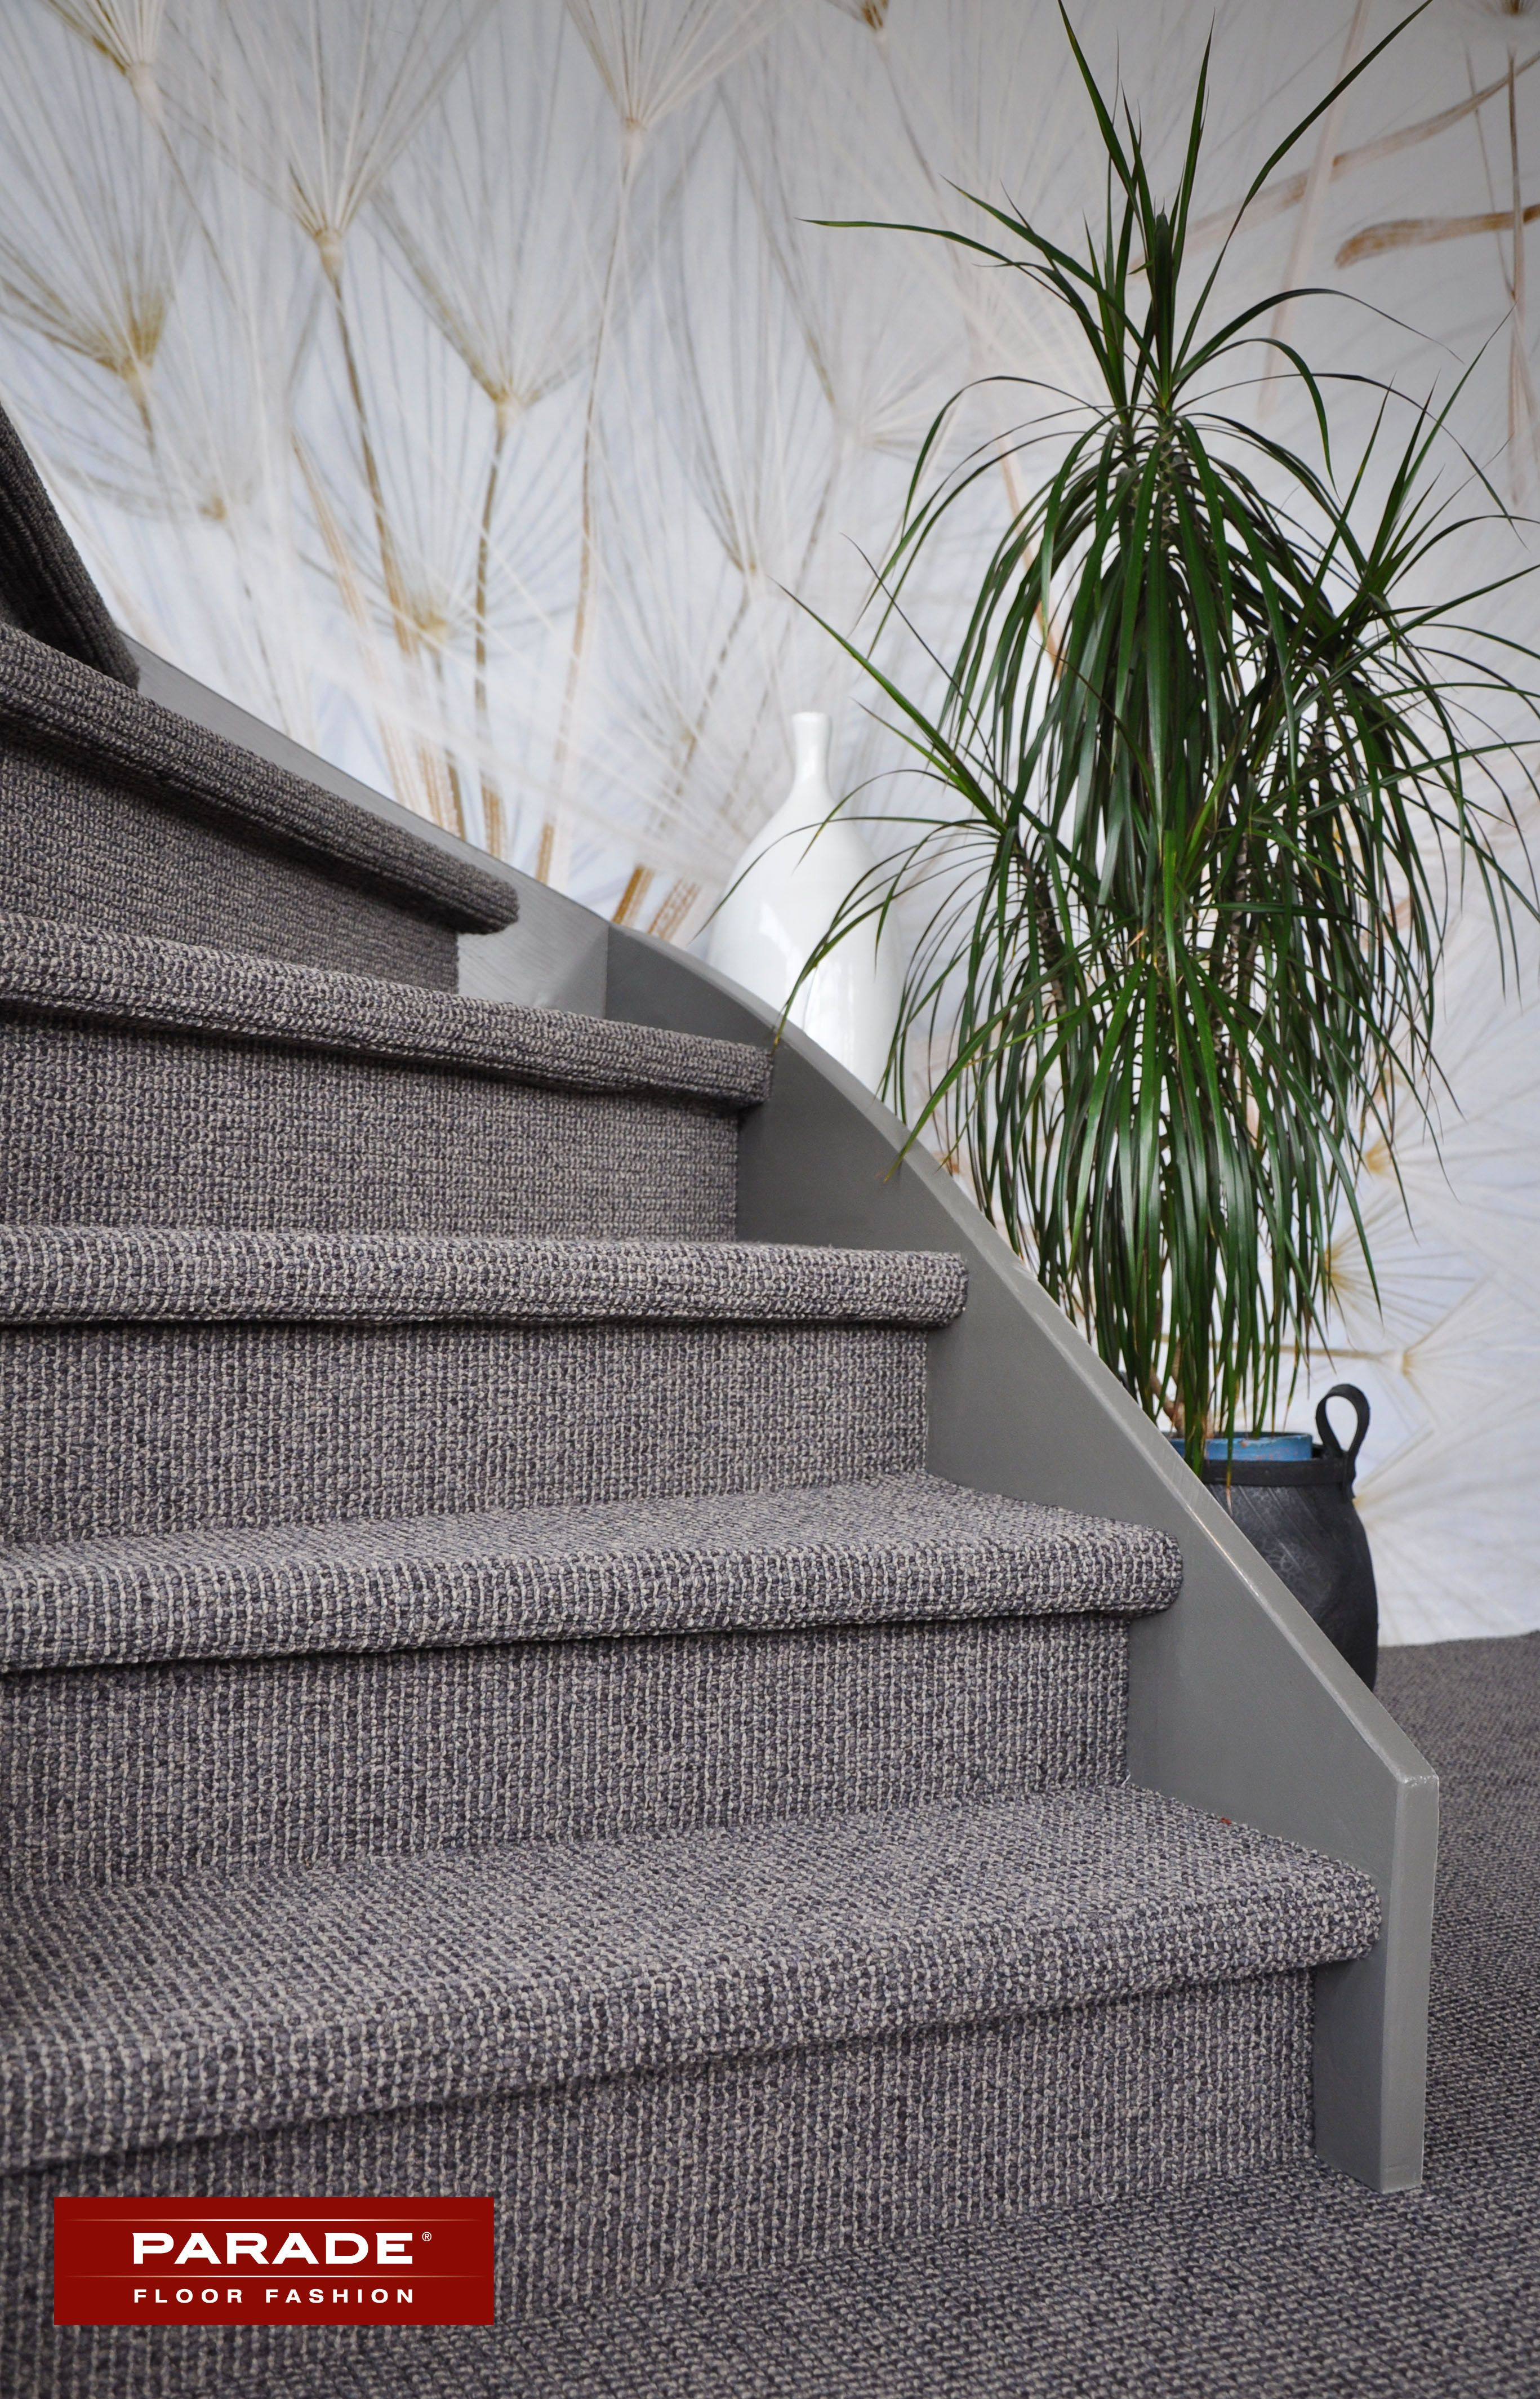 trap bekleed met tapijt van parade in de kwaliteit studio